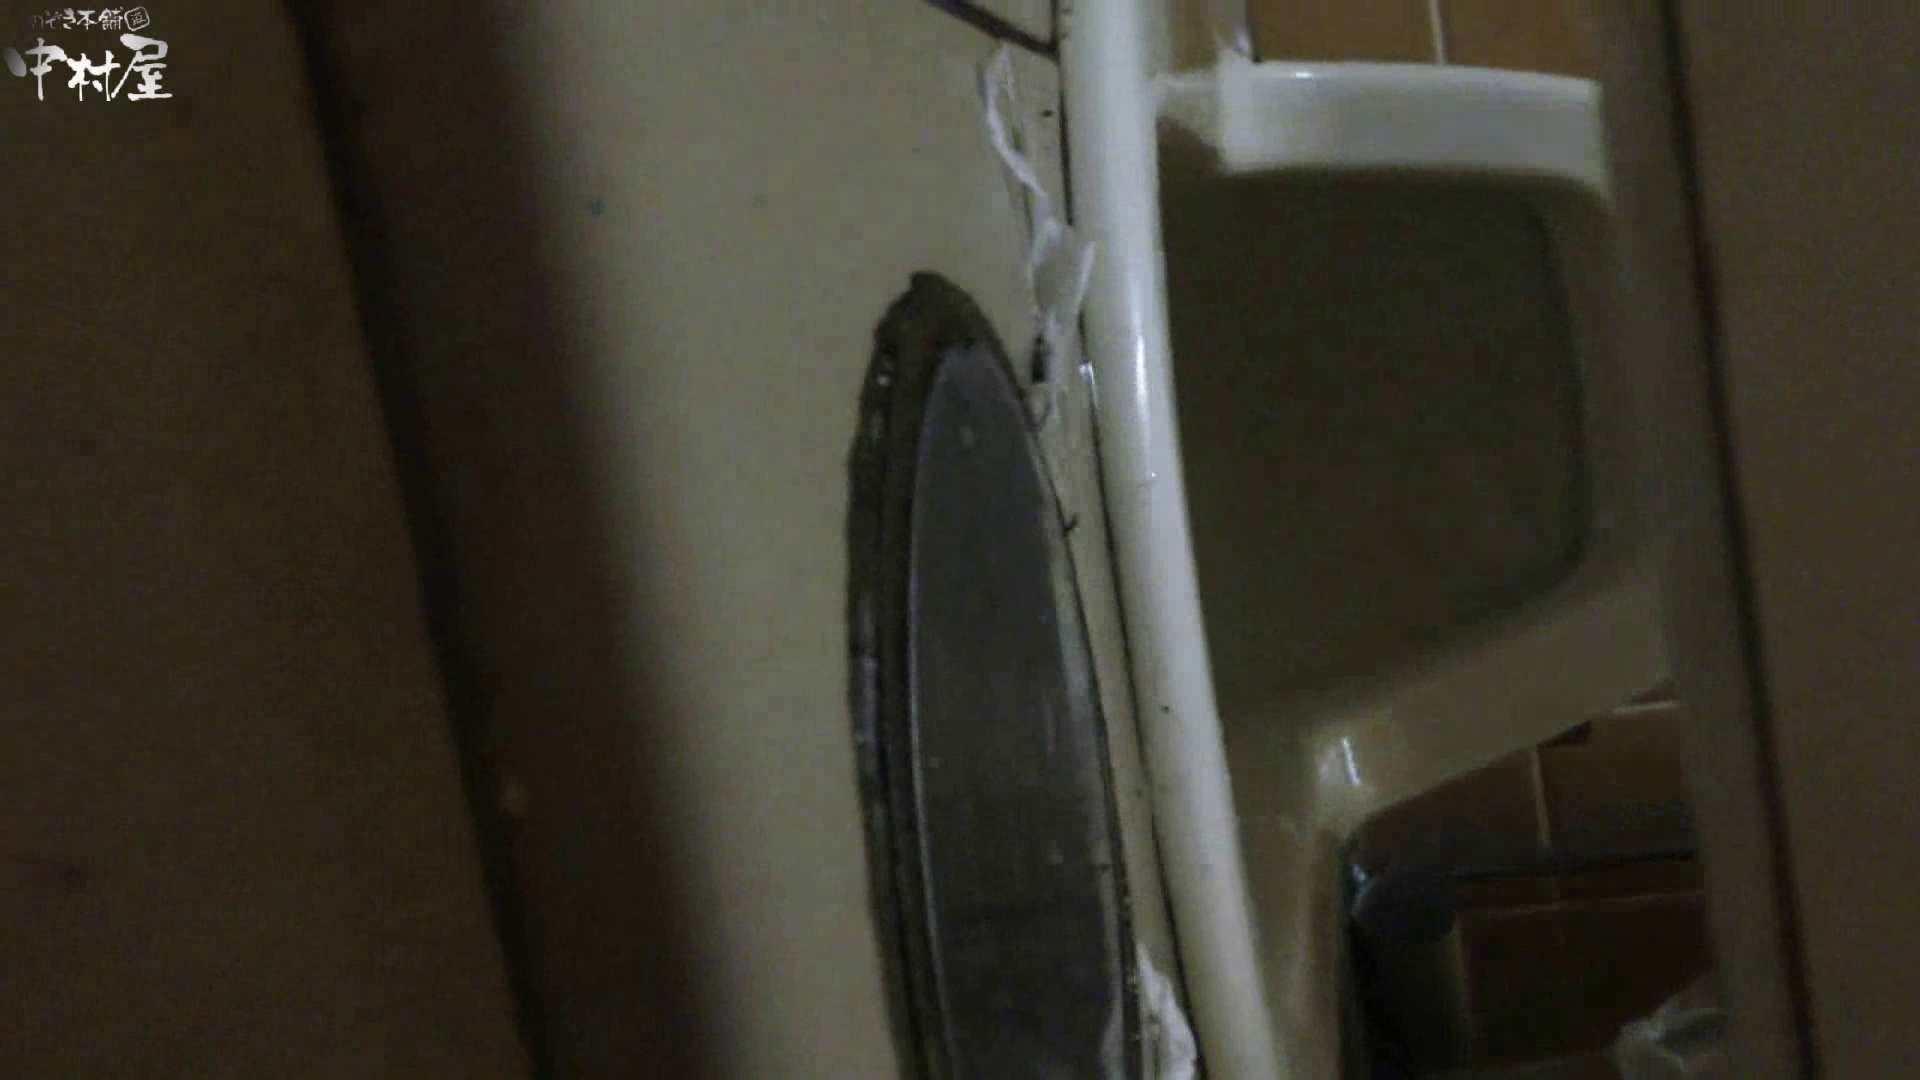 部活女子トイレ潜入編vol.3 OLすけべ画像 隠し撮りオマンコ動画紹介 37連発 37